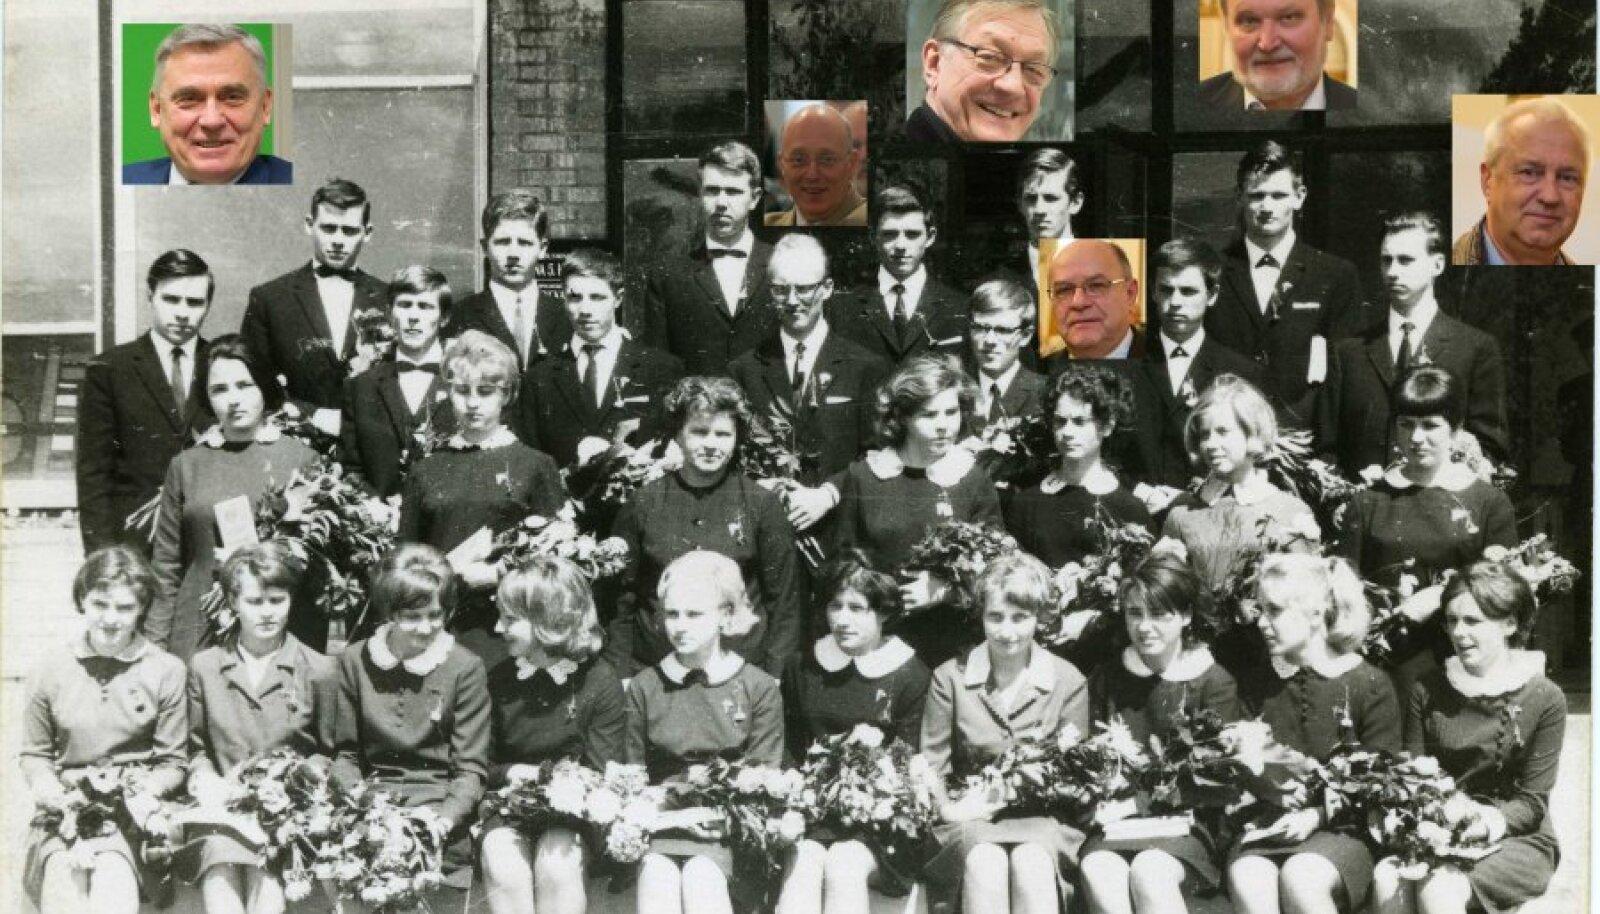 TARKPEADE KLASS: Tartu 5. keskkooli 21.lennu keemiaklass lõpetas kooli 1967. aastal. Pildil väljatoodud vasakult paremale: Mati Karelson, Kristjan Haller, Mart Saarma, Raivo Uibo, Mart Ustav, Jaak Järv